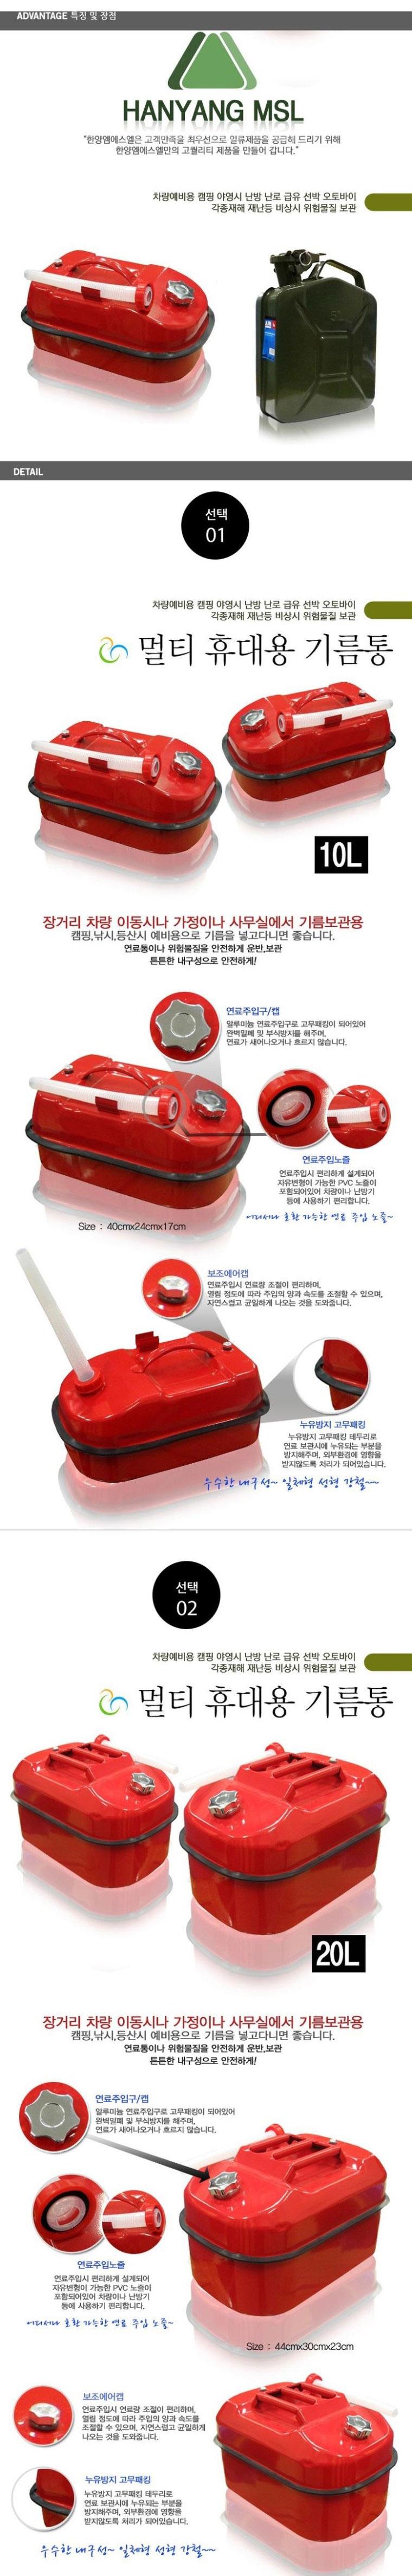 캠핑용 휴대용 연료통-[1번]멀티휴대용 기름통 10L